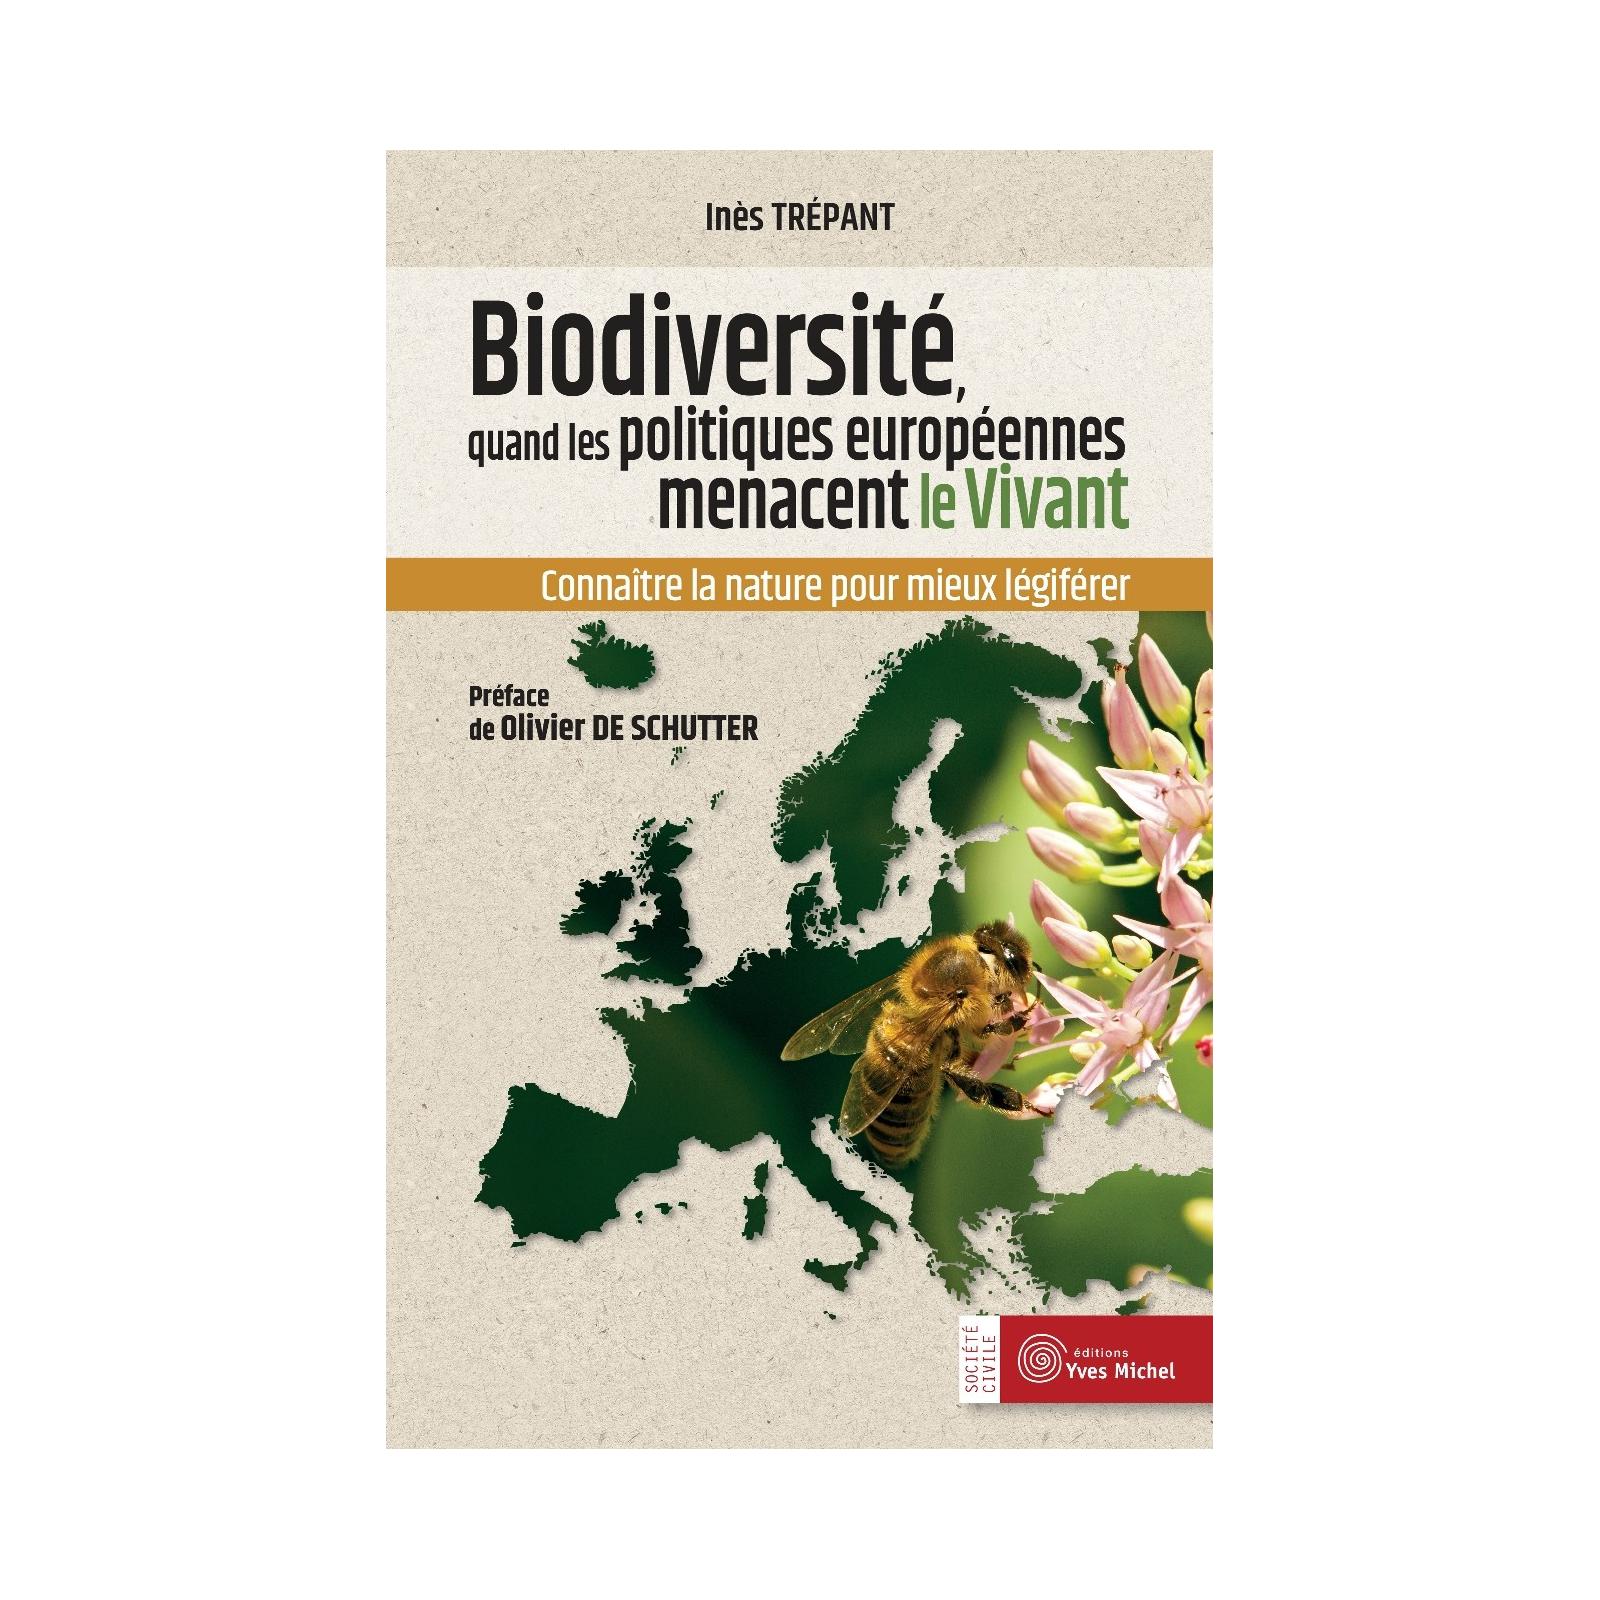 Biodiversité, quand les politiques européennes menacent le vivant